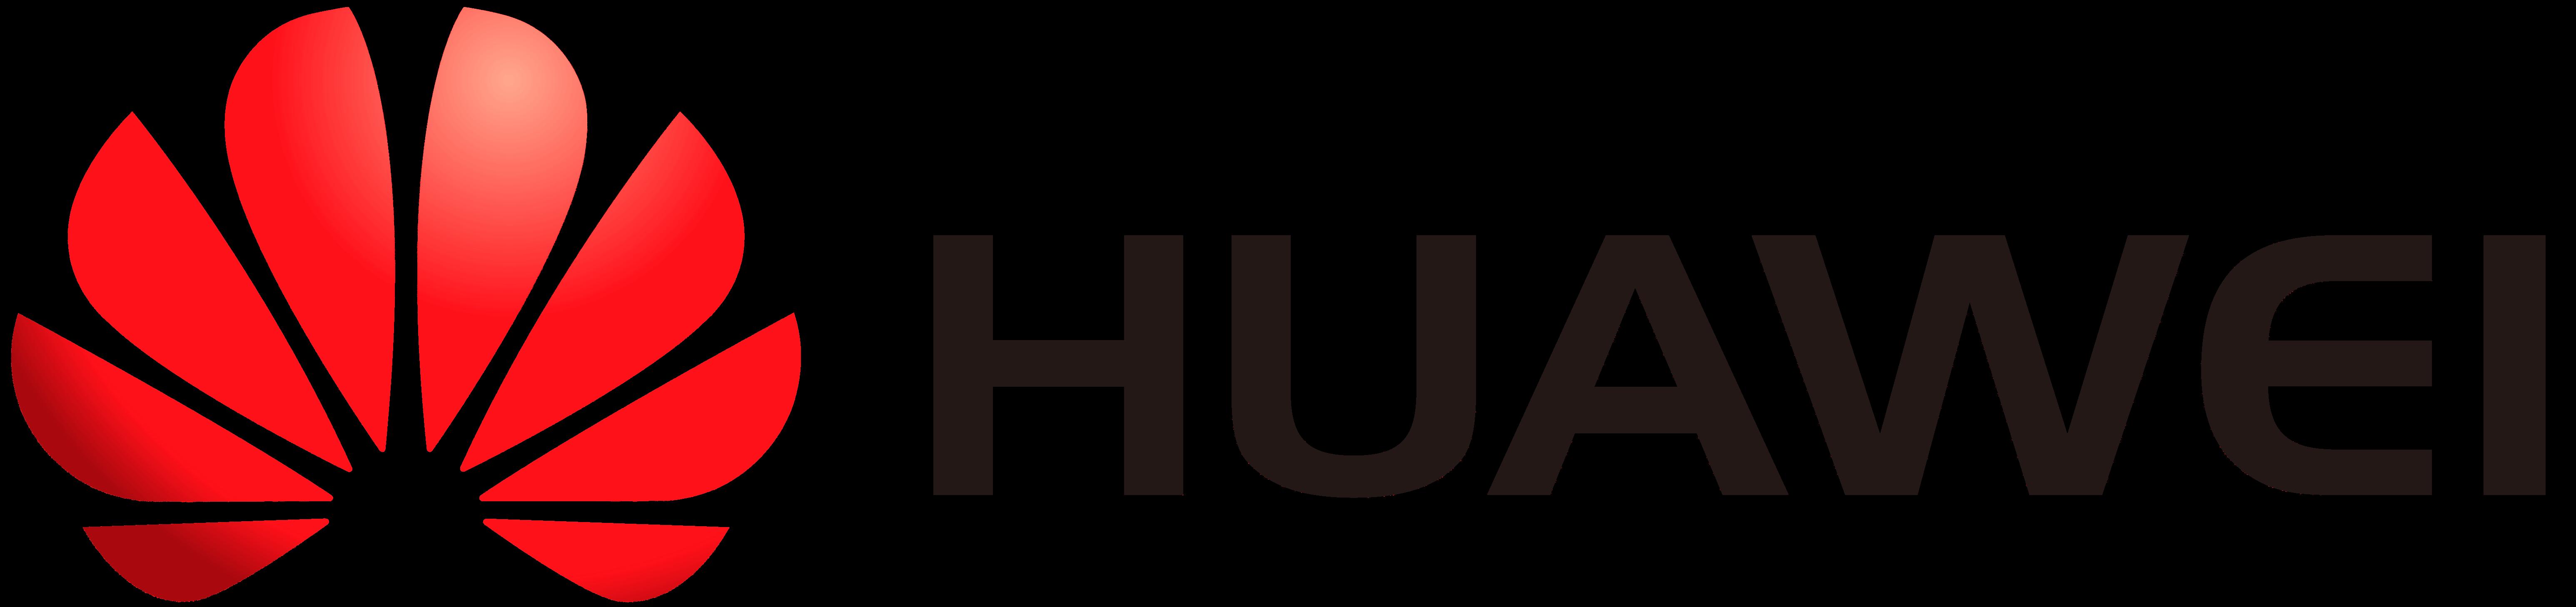 Huawei chez cybertek.fr